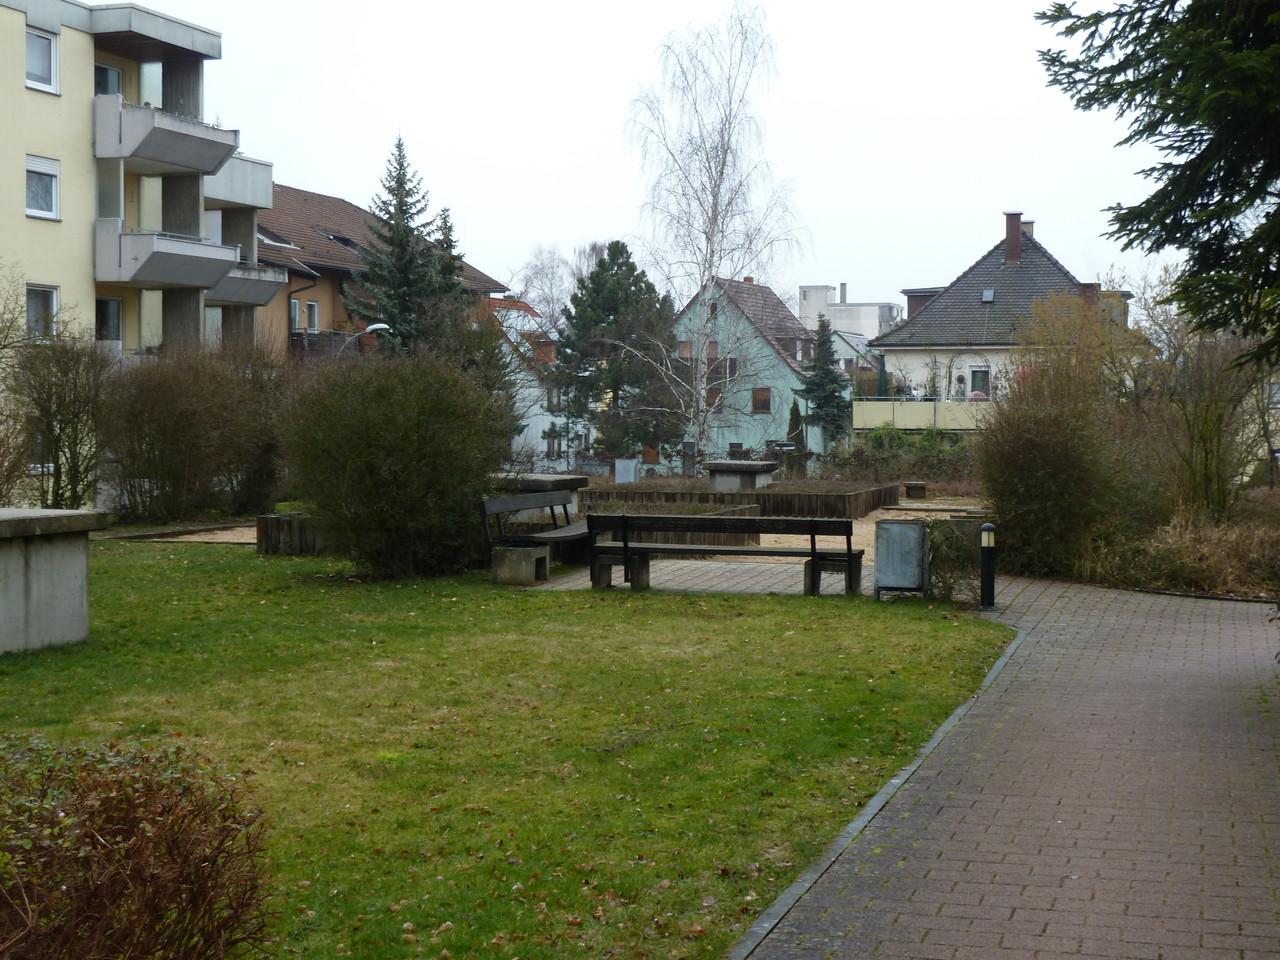 Gemeinschaftswiese und Spielplatz